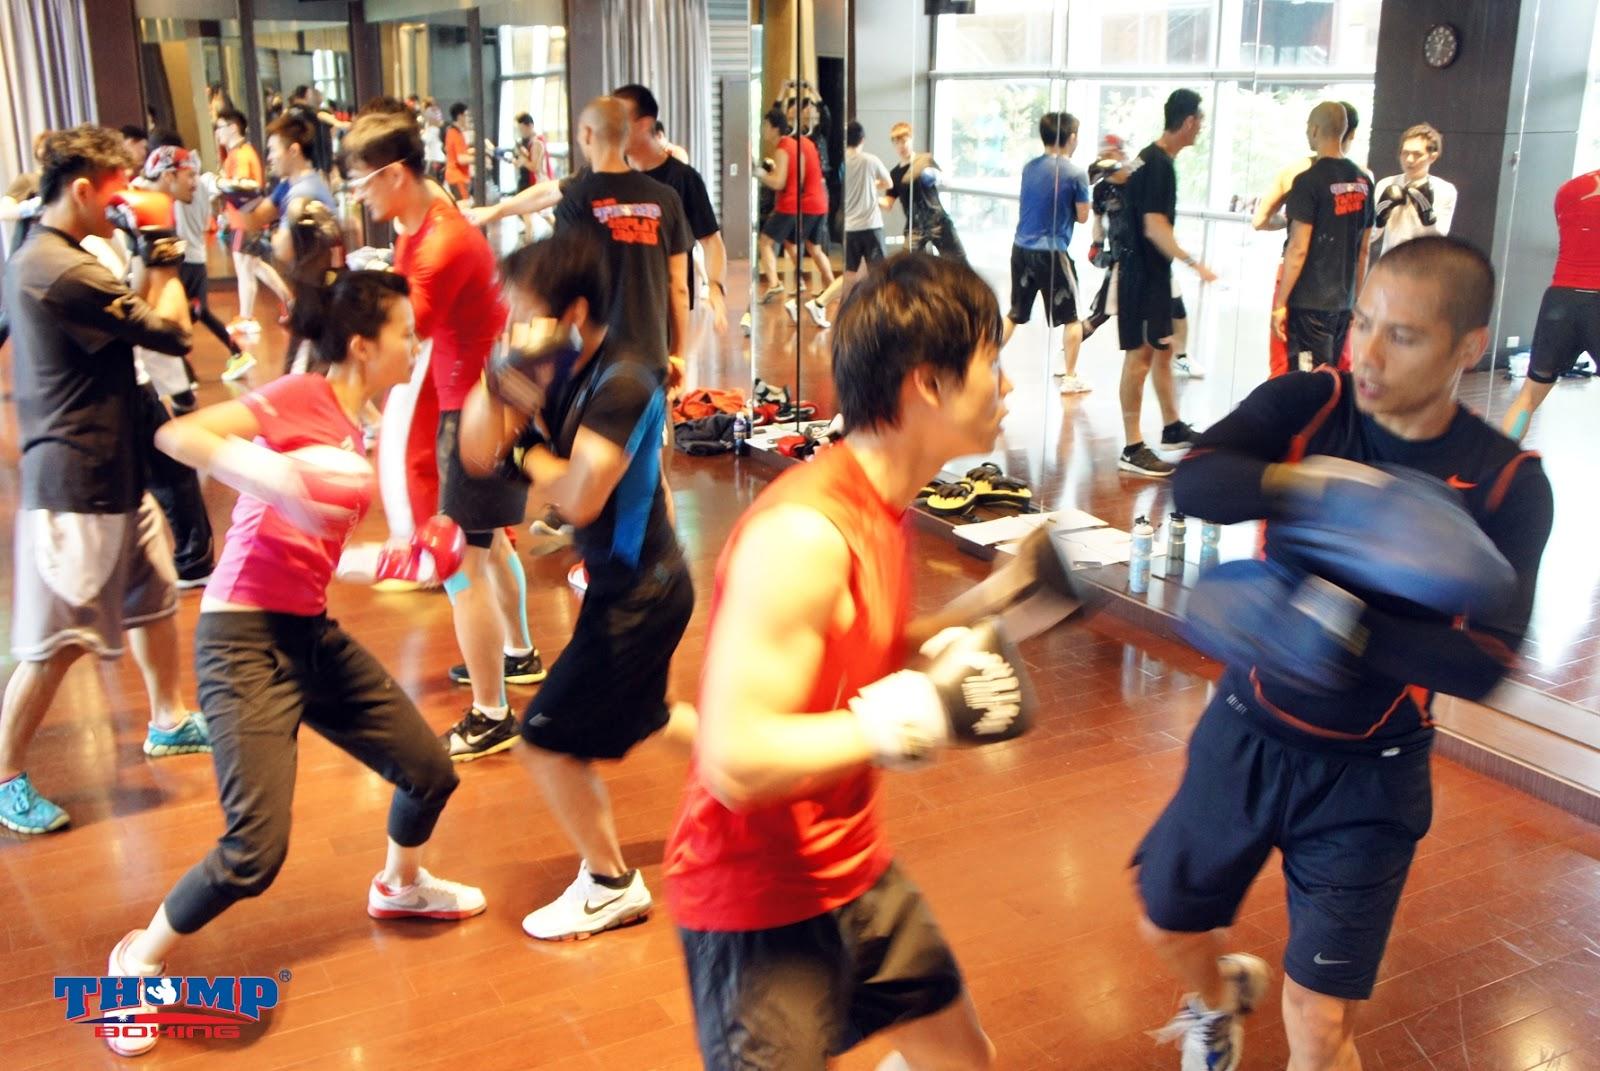 超熱血的澳洲拳擊THUMP Boxing初體驗 @ 老頭碎碎唸 :: 痞客邦